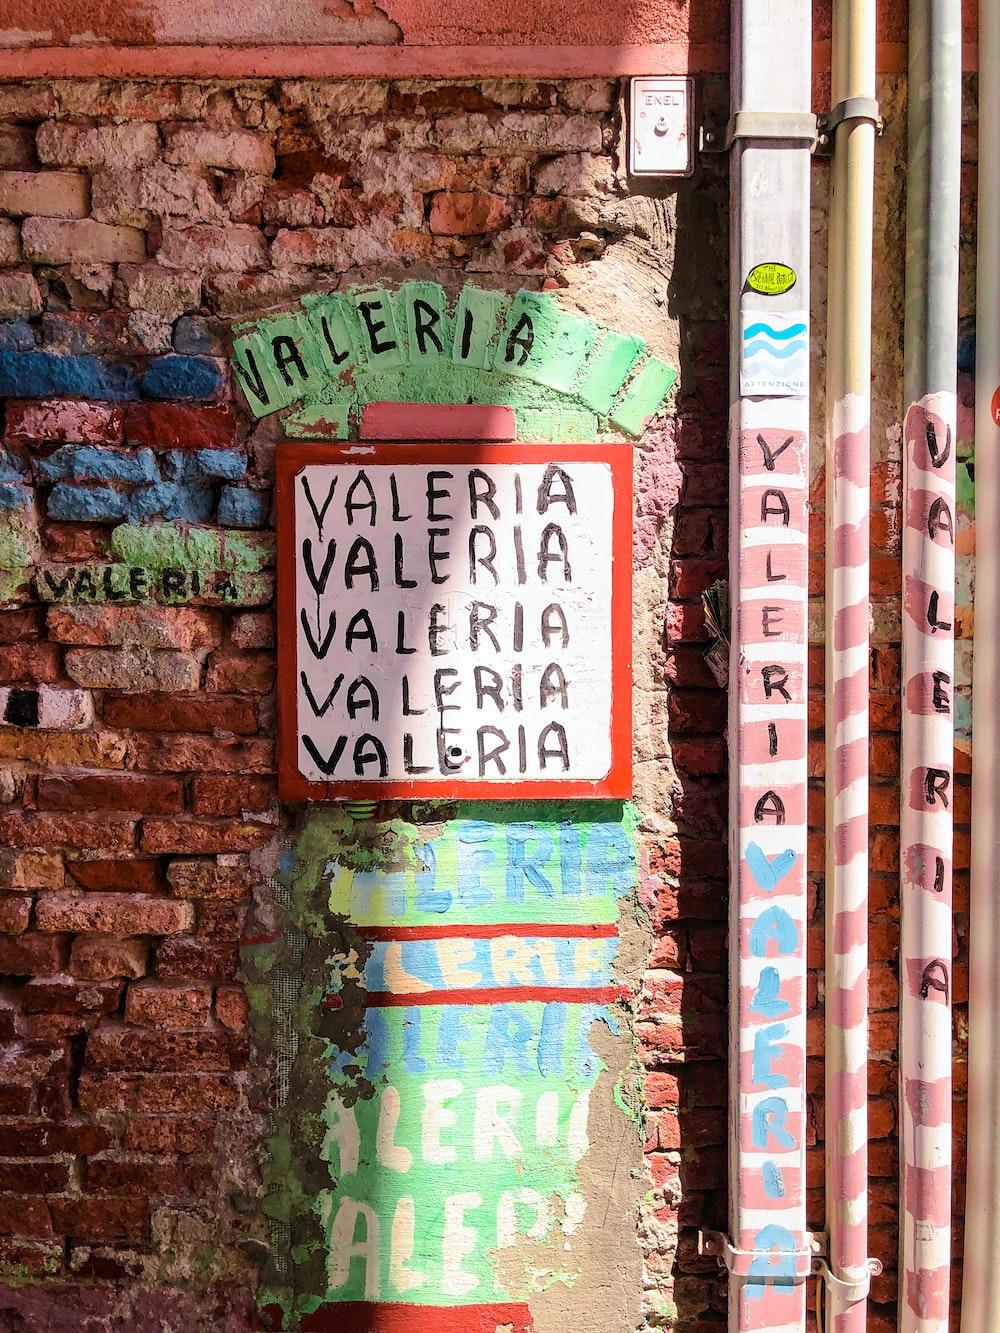 Valeria wall decor